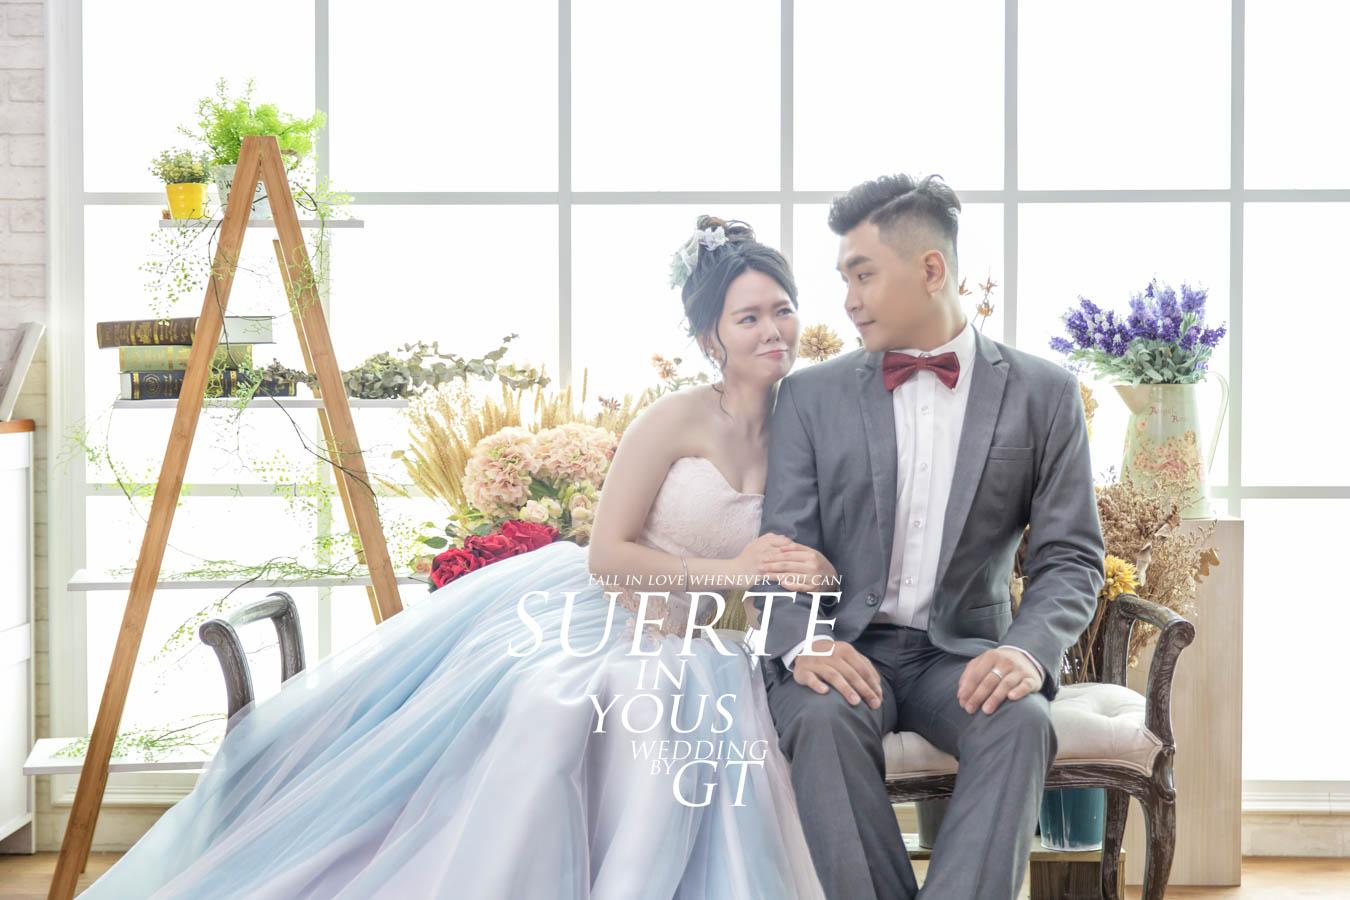 自助婚紗   逸仁+育甄  PREWEDDING GT拍攝  國內婚紗 台中婚紗